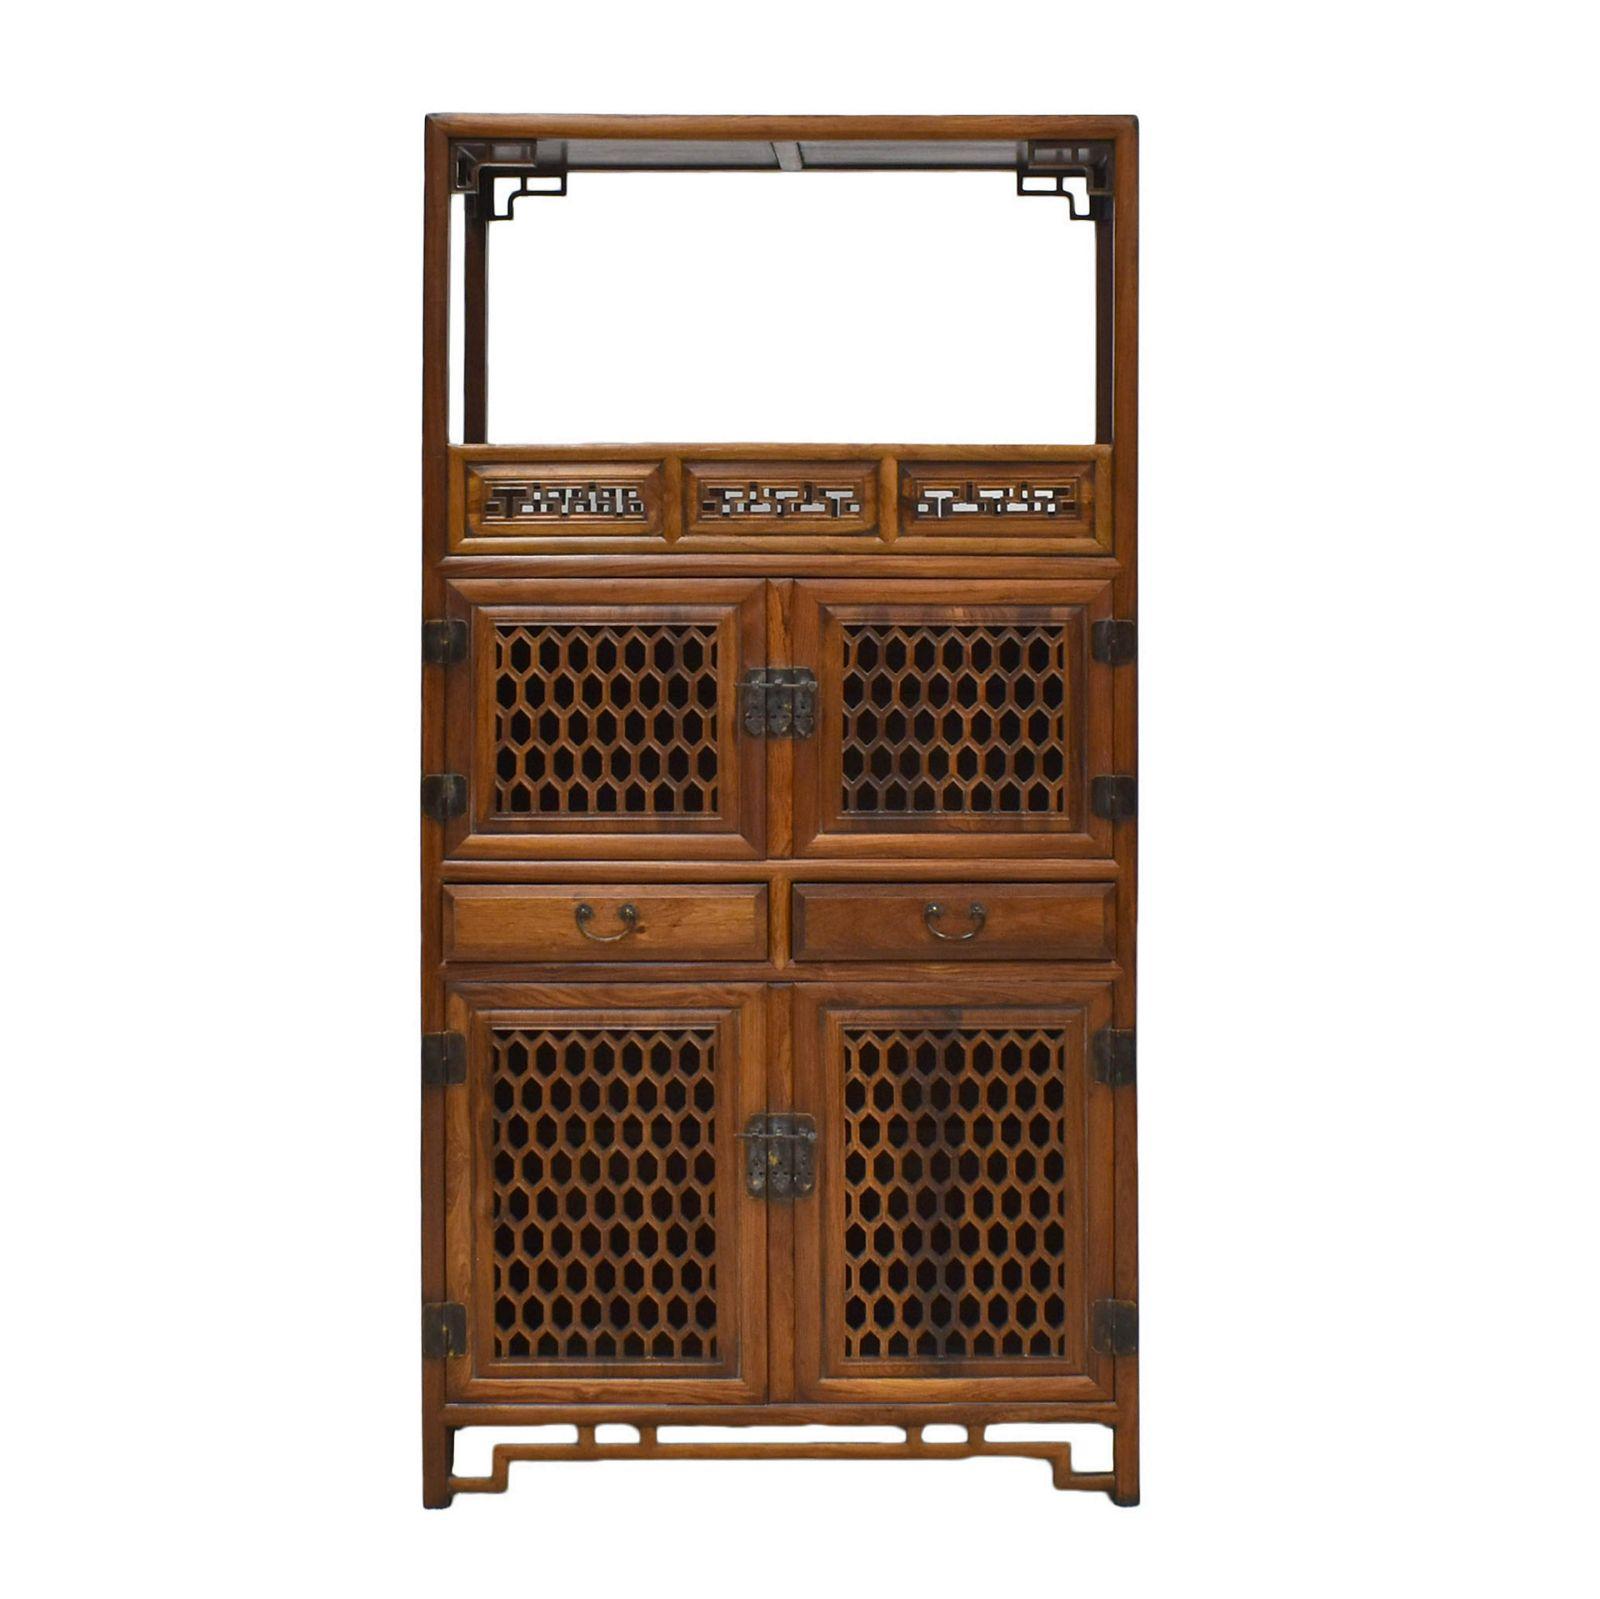 ANTIQUE HUANGHUALI OPEN SHELF 4 DOORS CABINET